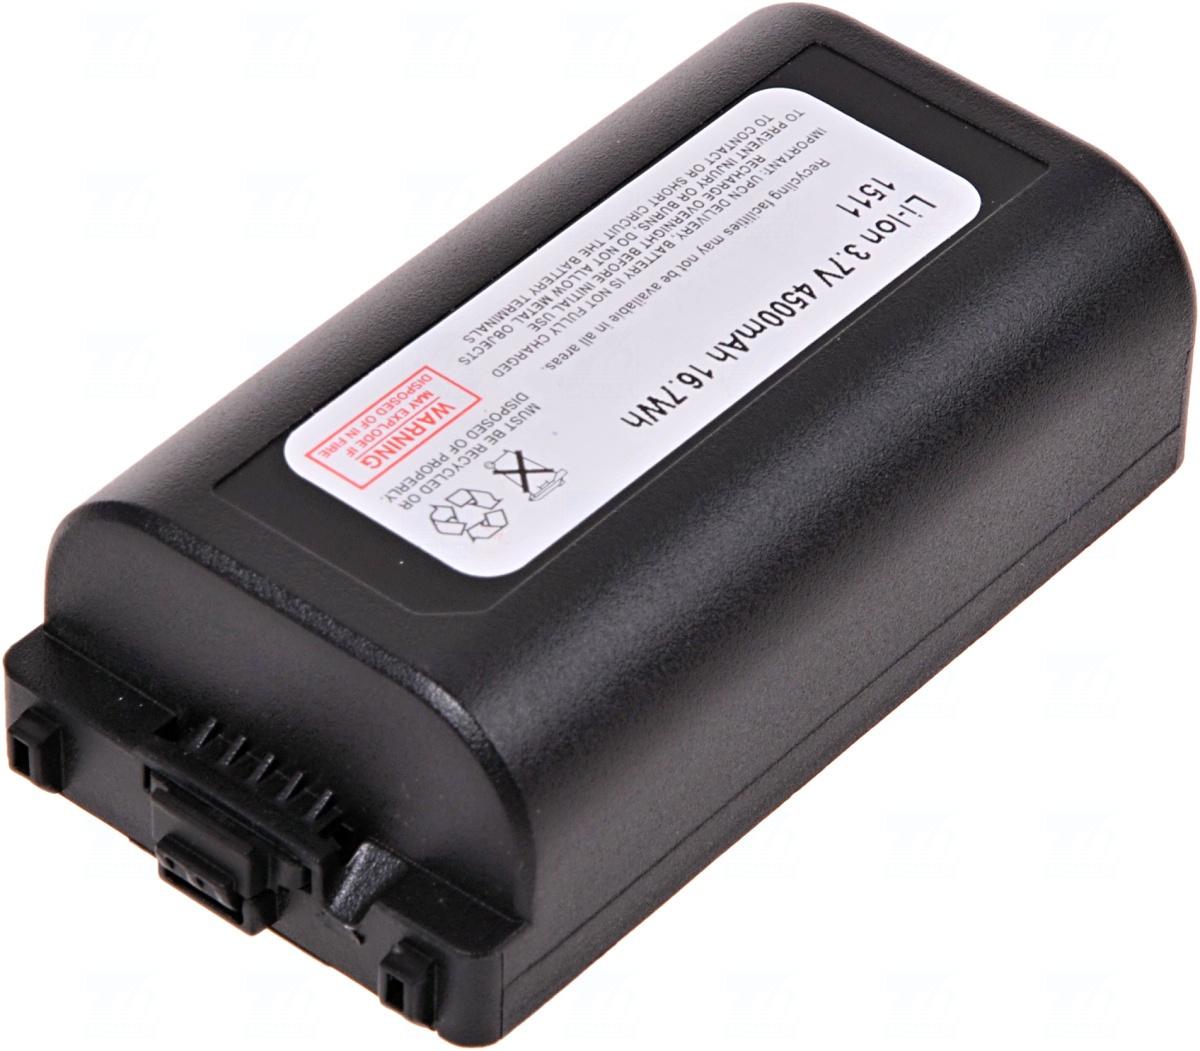 Baterie T6 power 55-060112-05, 55-060112-86, BTRY-MC30KAB02, BTRY-MC30KAB0E, BTRY-MC30KAB0H-01, BTRY-MC30MAB0H-01